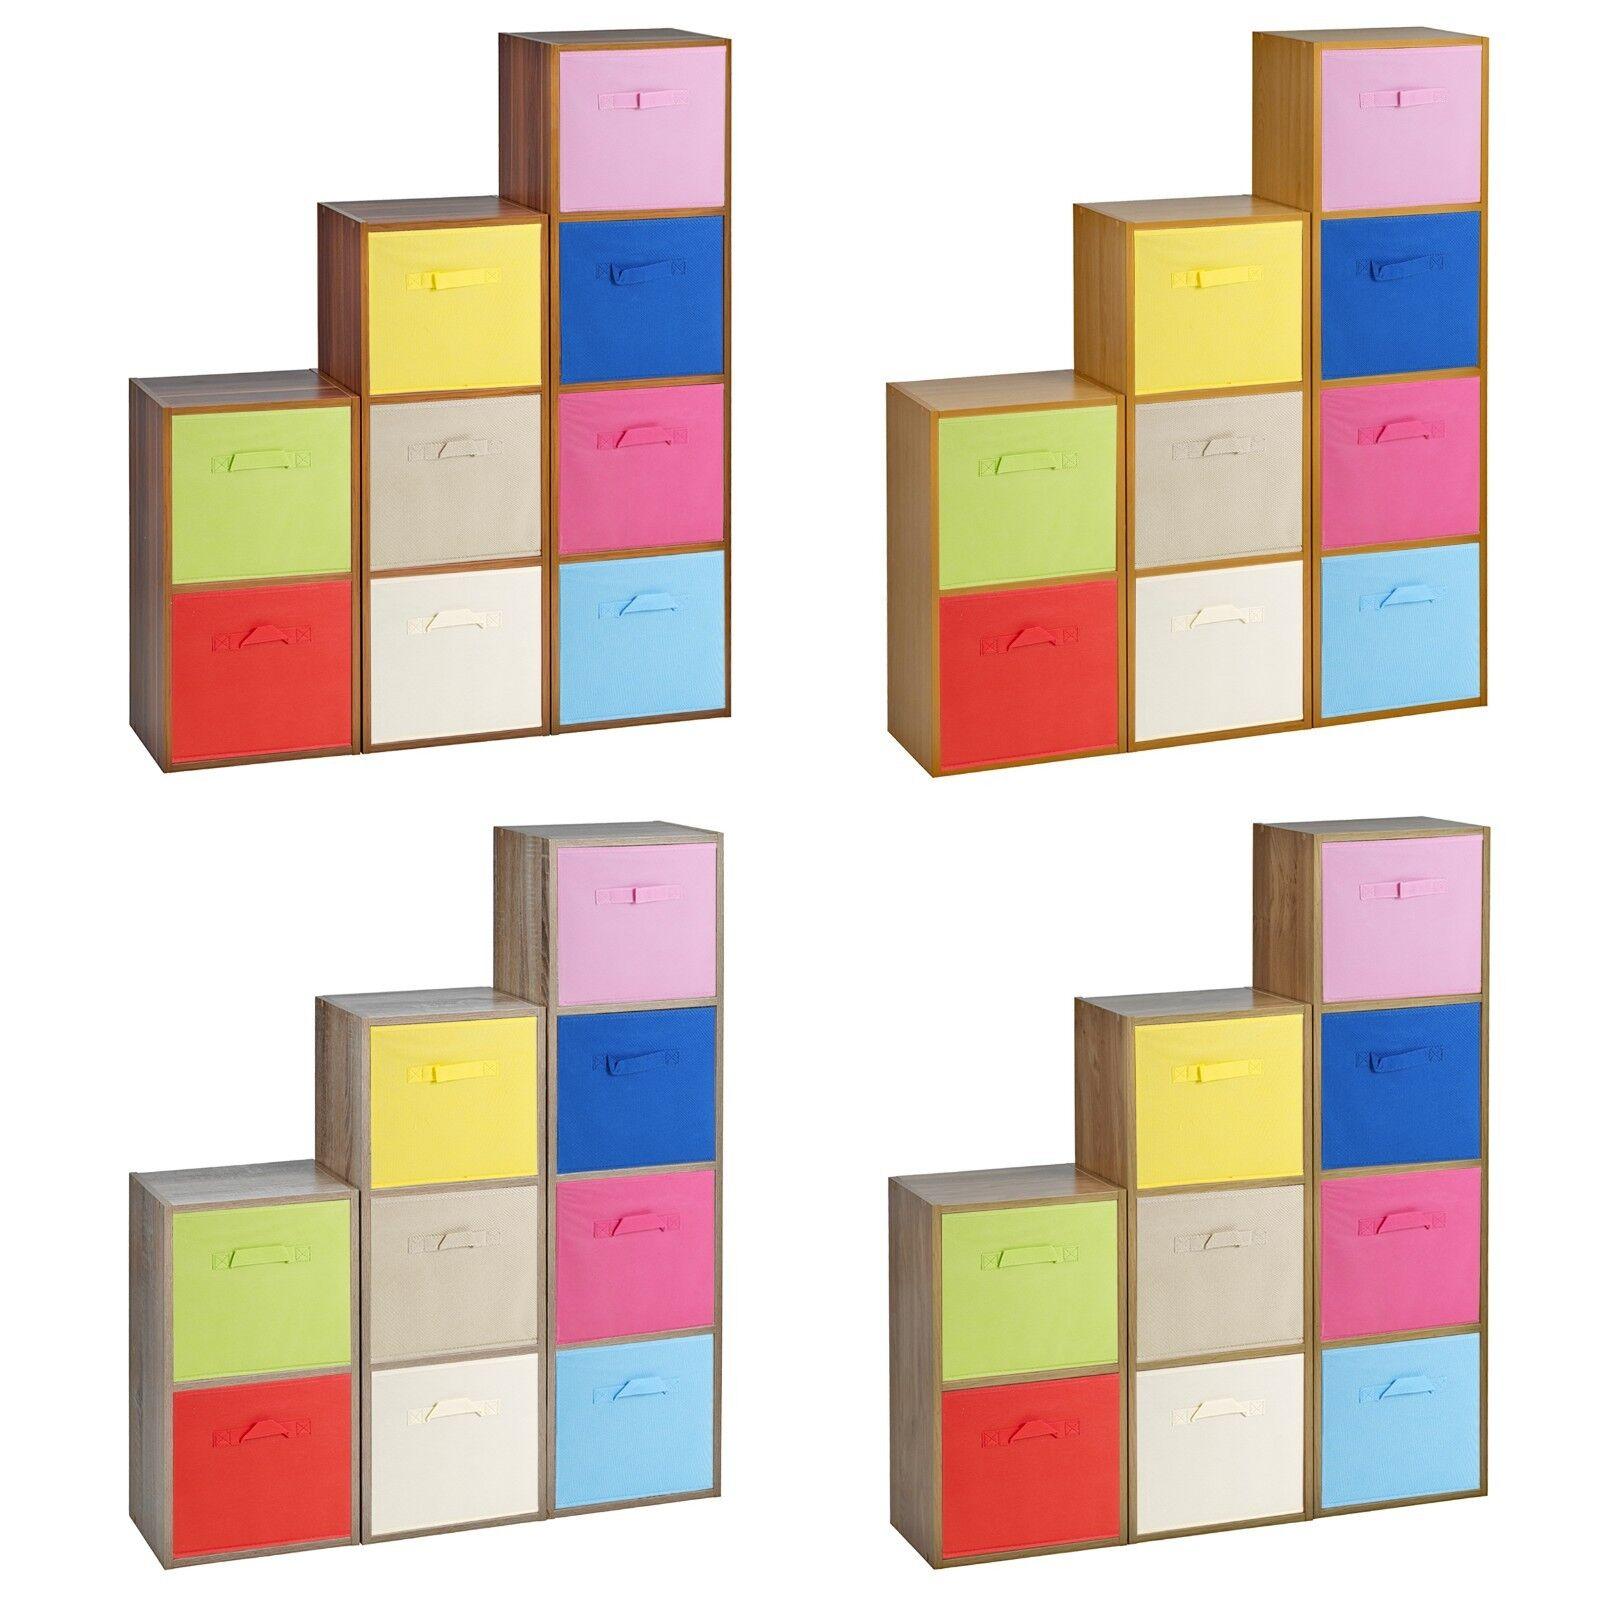 9 étagère Cubed Bois Placard Rangement Unités étagères avec 9 Insert Tiroir